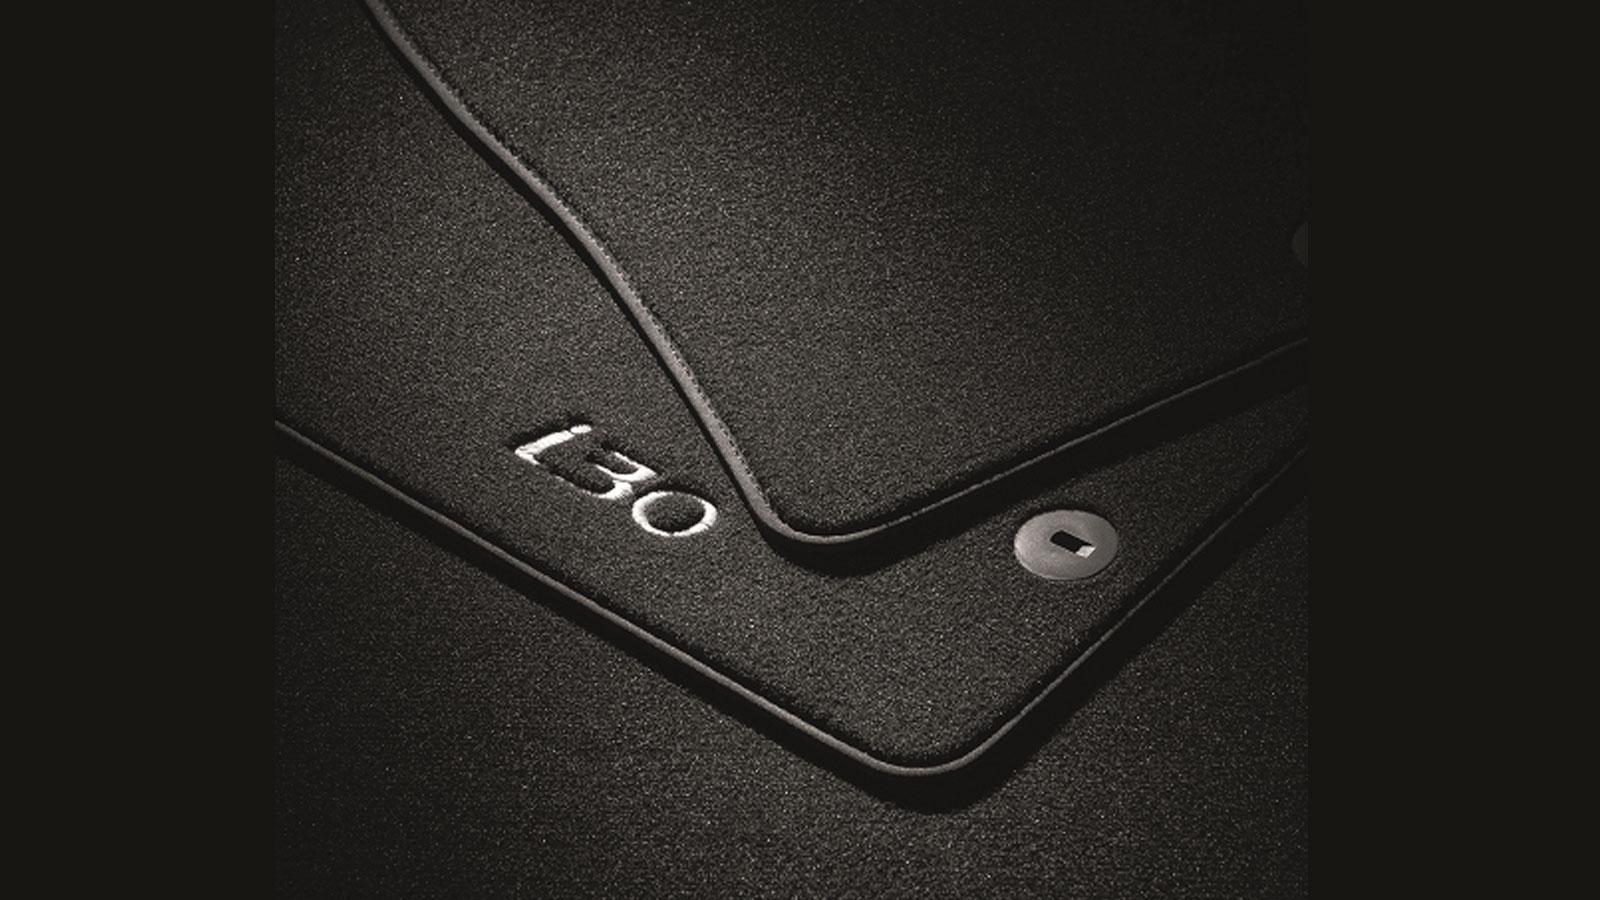 Τα βελούδινα πατάκια της Hyundai έχουν απαλή, βελούδινη υφή και προσφέρουν ένα απολαυστικό, μαλακό πάτημα. Το λογότυπο του μοντέλου είναι απευθείας κεντημένο στα δυο μπροστινά.